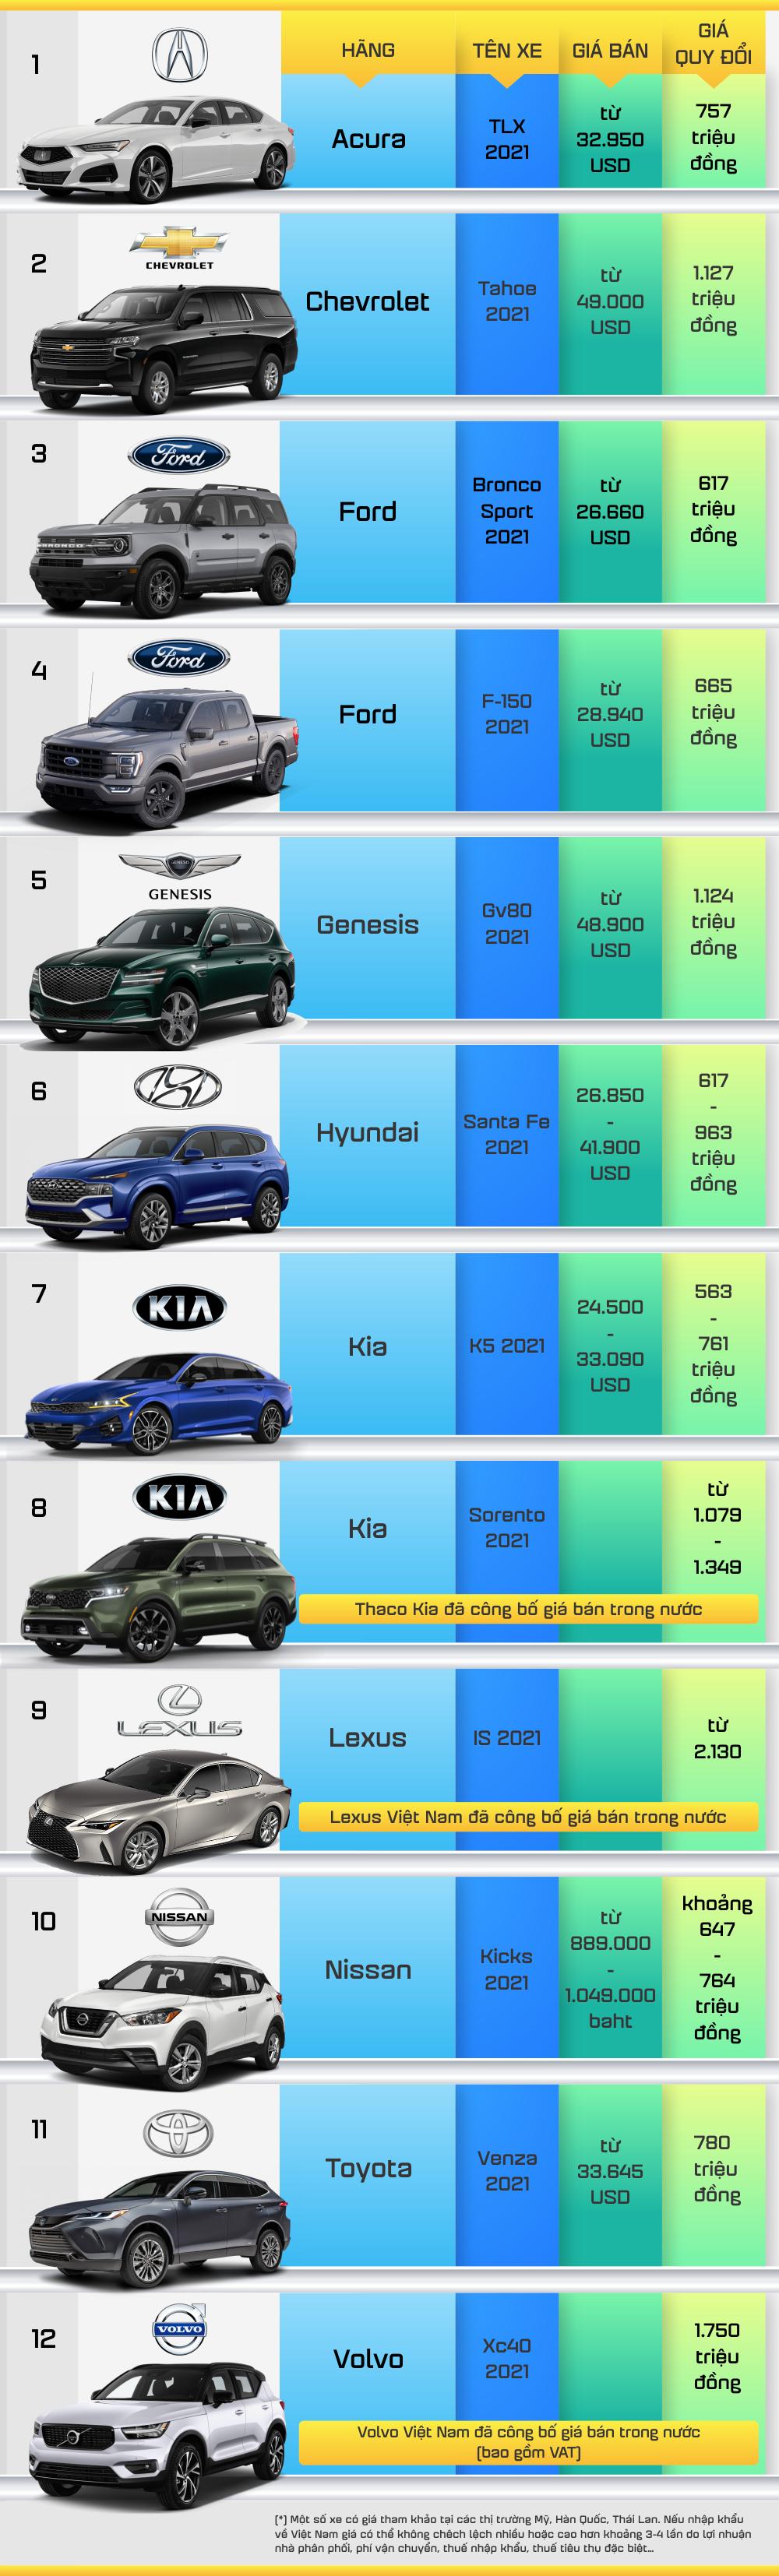 Hyundai SantaFe, Kia Sorento nằm trong danh sách các mẫu ô tô tốt nhất năm 2021 - Ảnh 3.